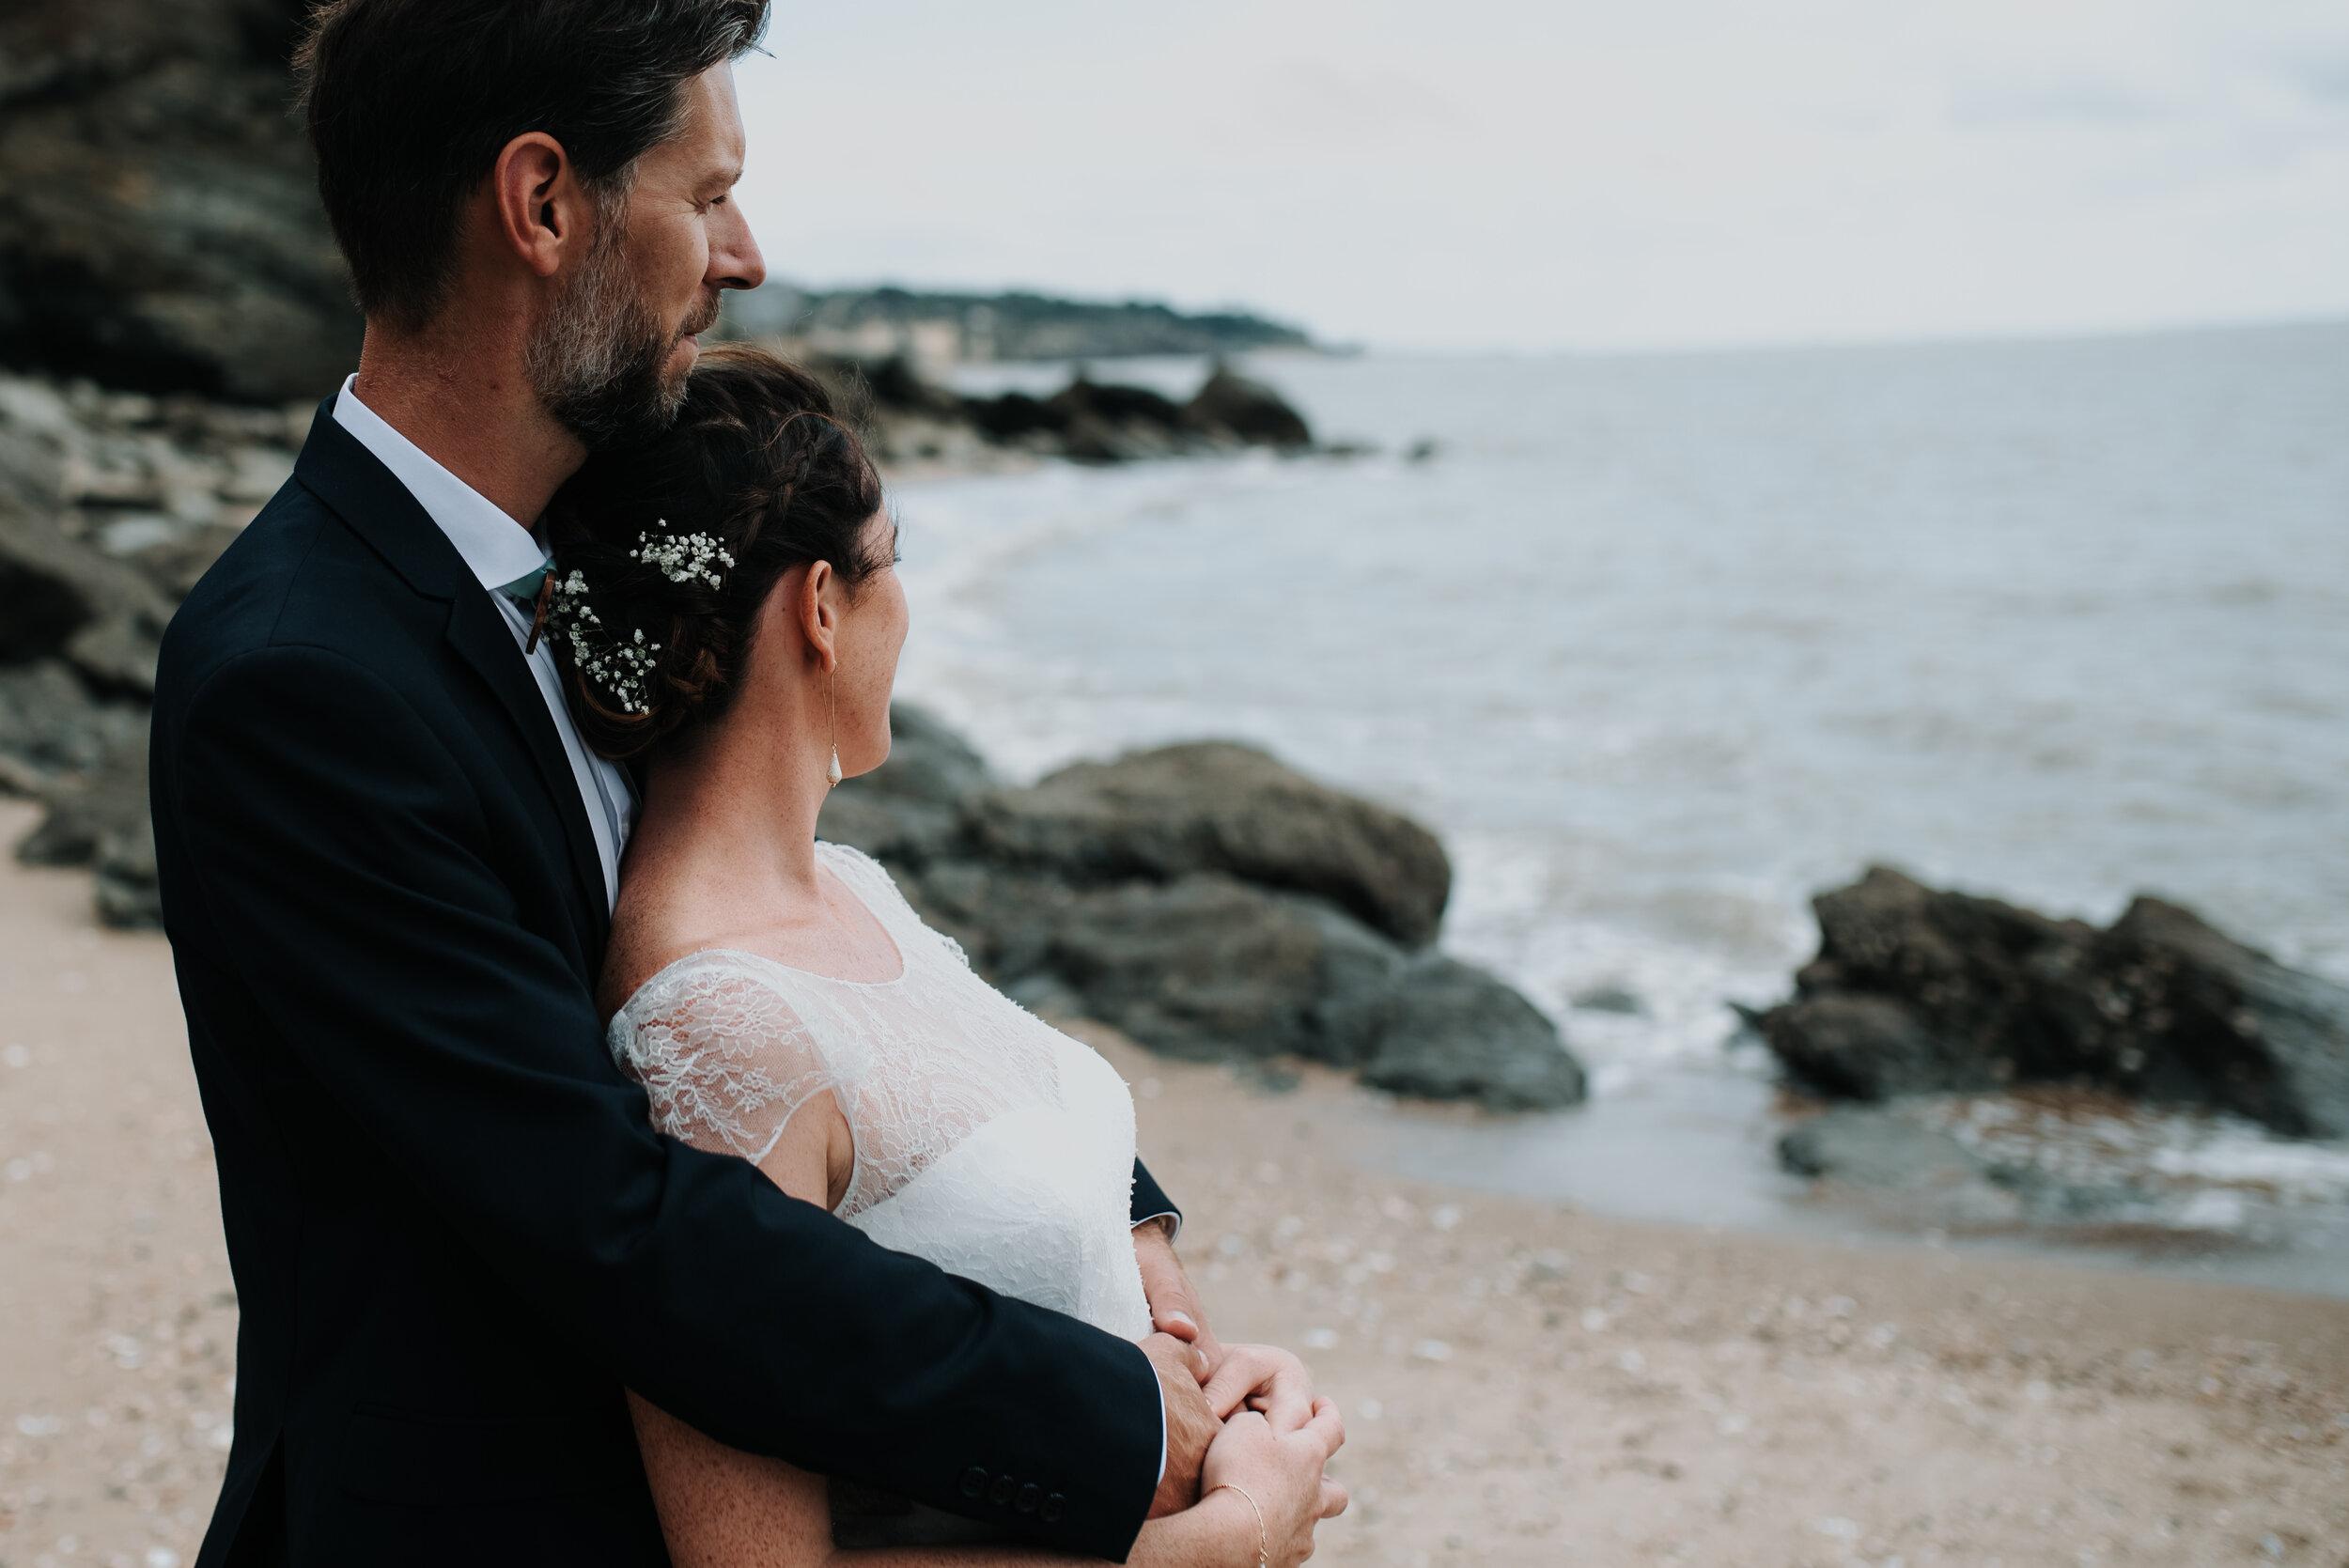 Léa-Fery-photographe-professionnel-Bretagne-portrait-creation-mariage-evenement-evenementiel-famille-6649.jpg